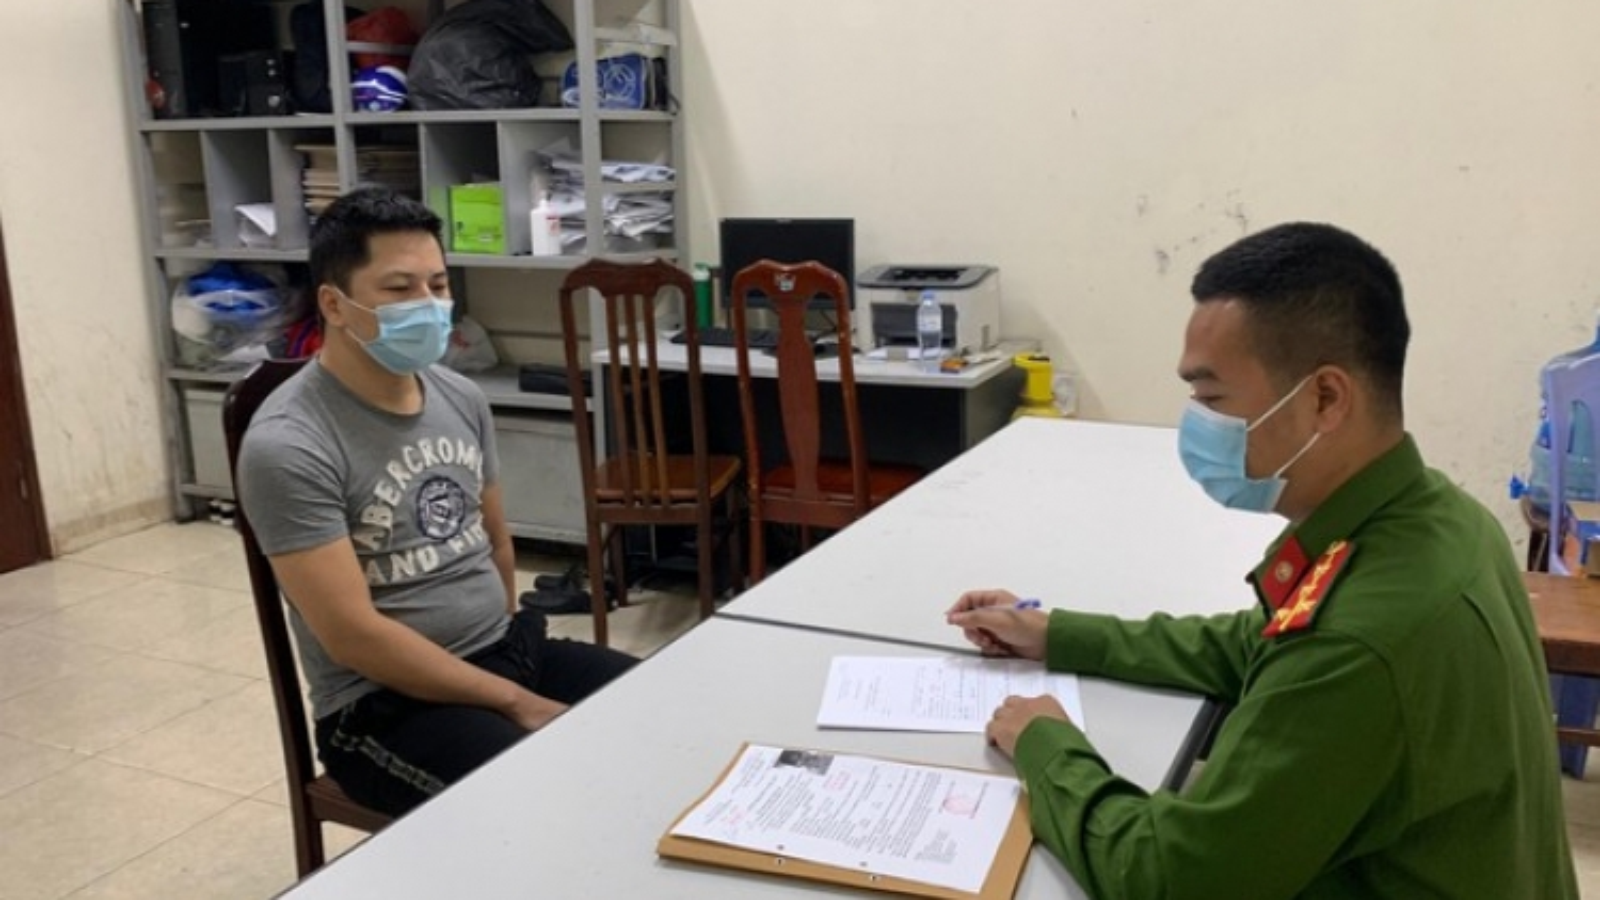 Tổng giám đốc trốn truy nã sa lưới tại Hà Nội